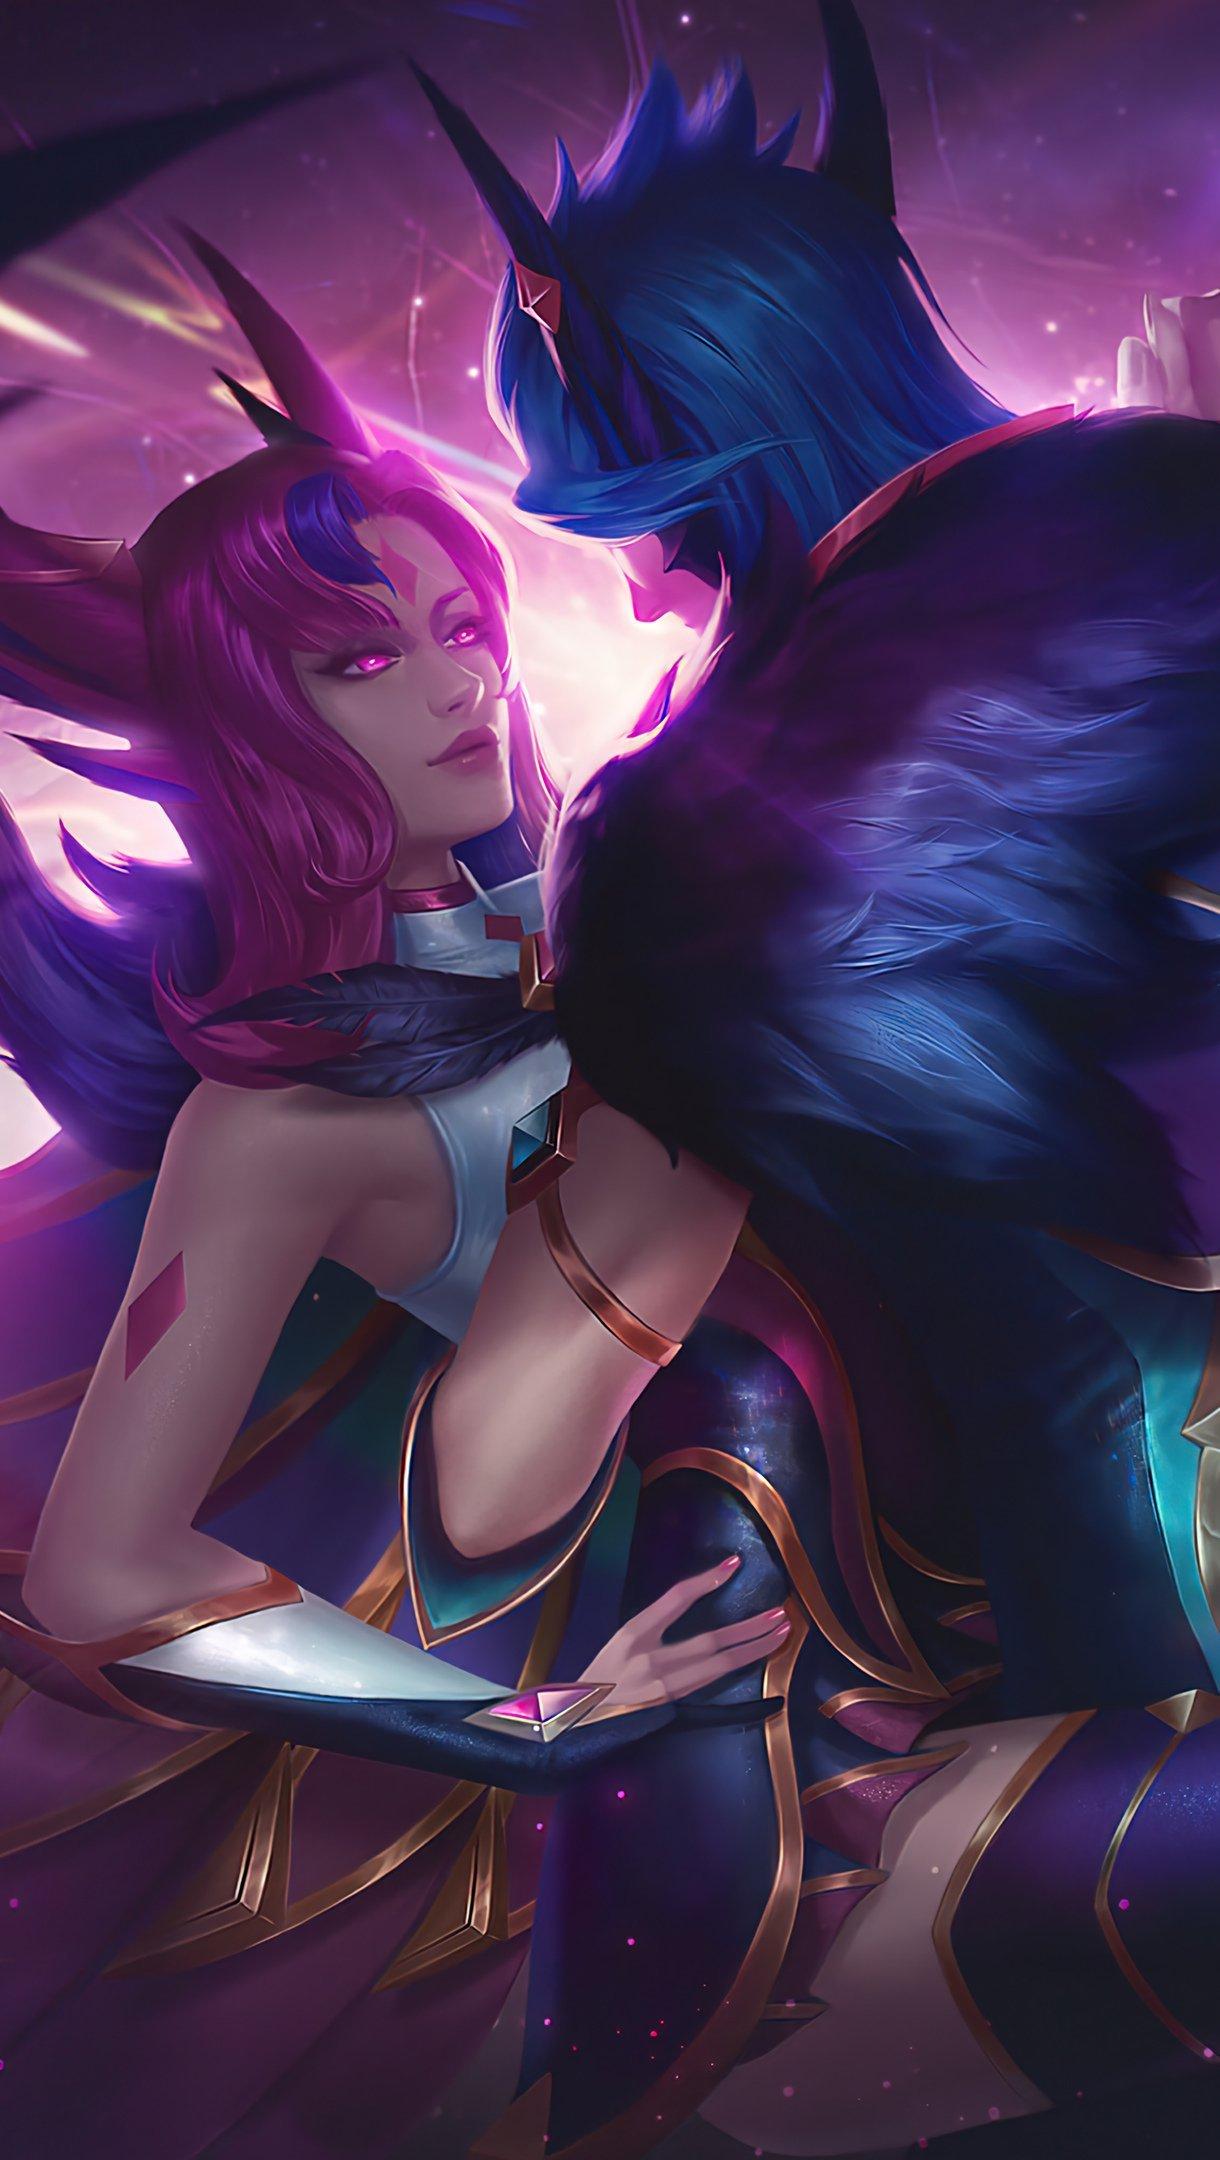 Fondos de pantalla Star Guardian Xayah Rakan League of Legends Vertical